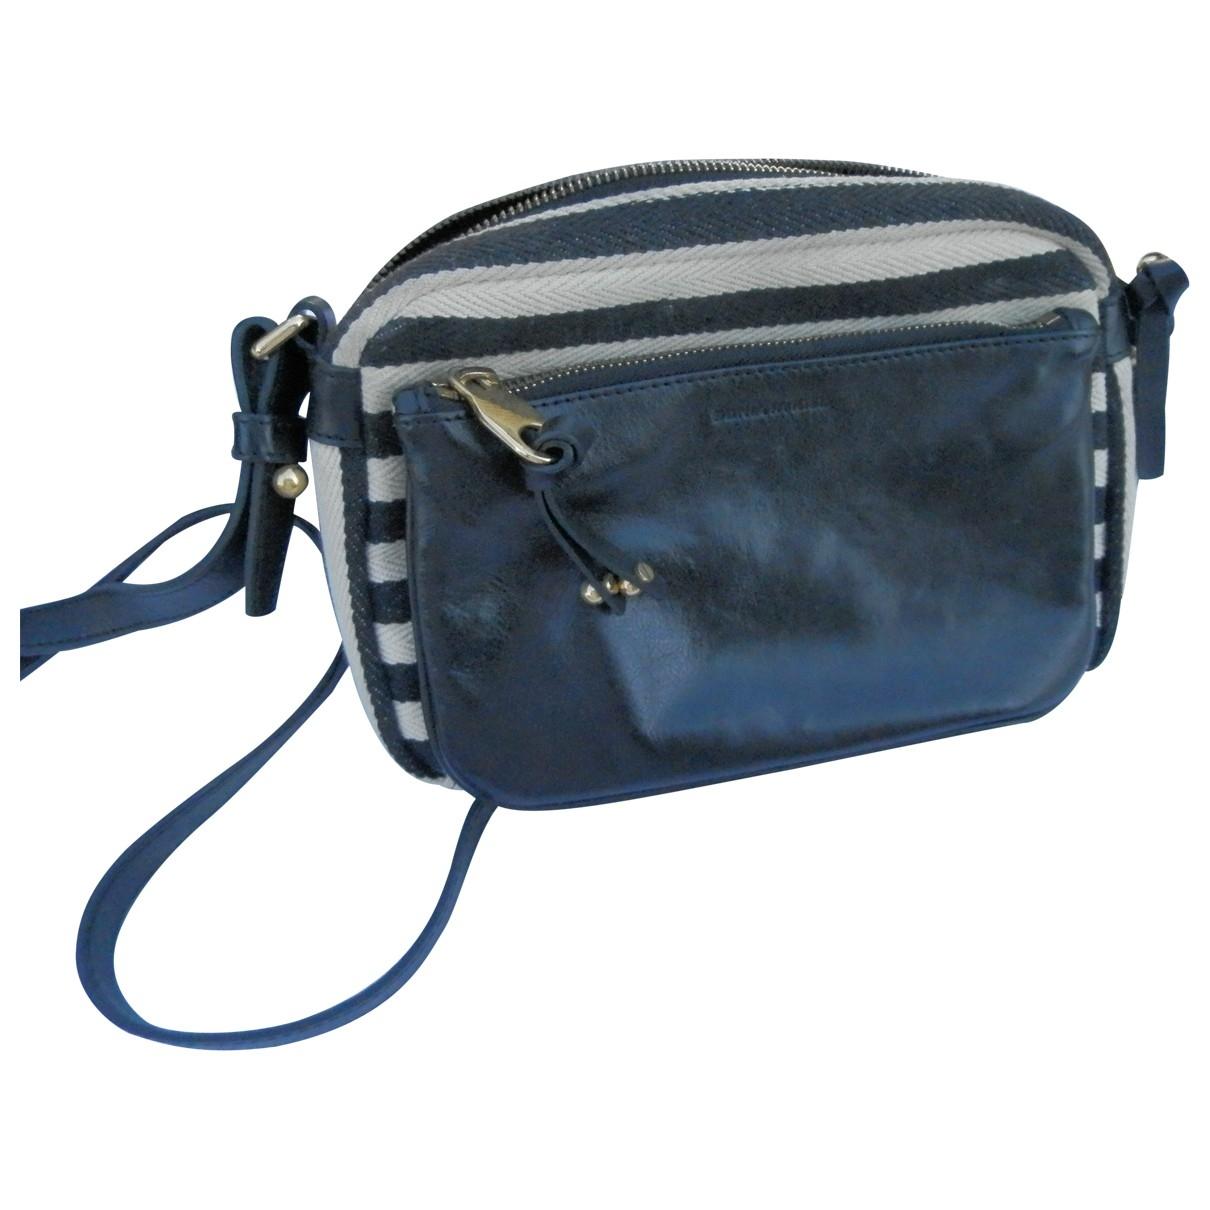 Sonia Rykiel \N Handtasche in  Schwarz Leder